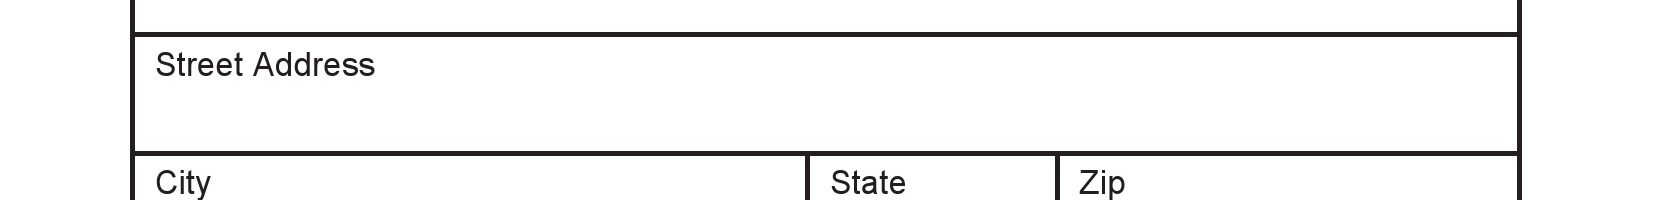 Michigan Bill of Sale Form